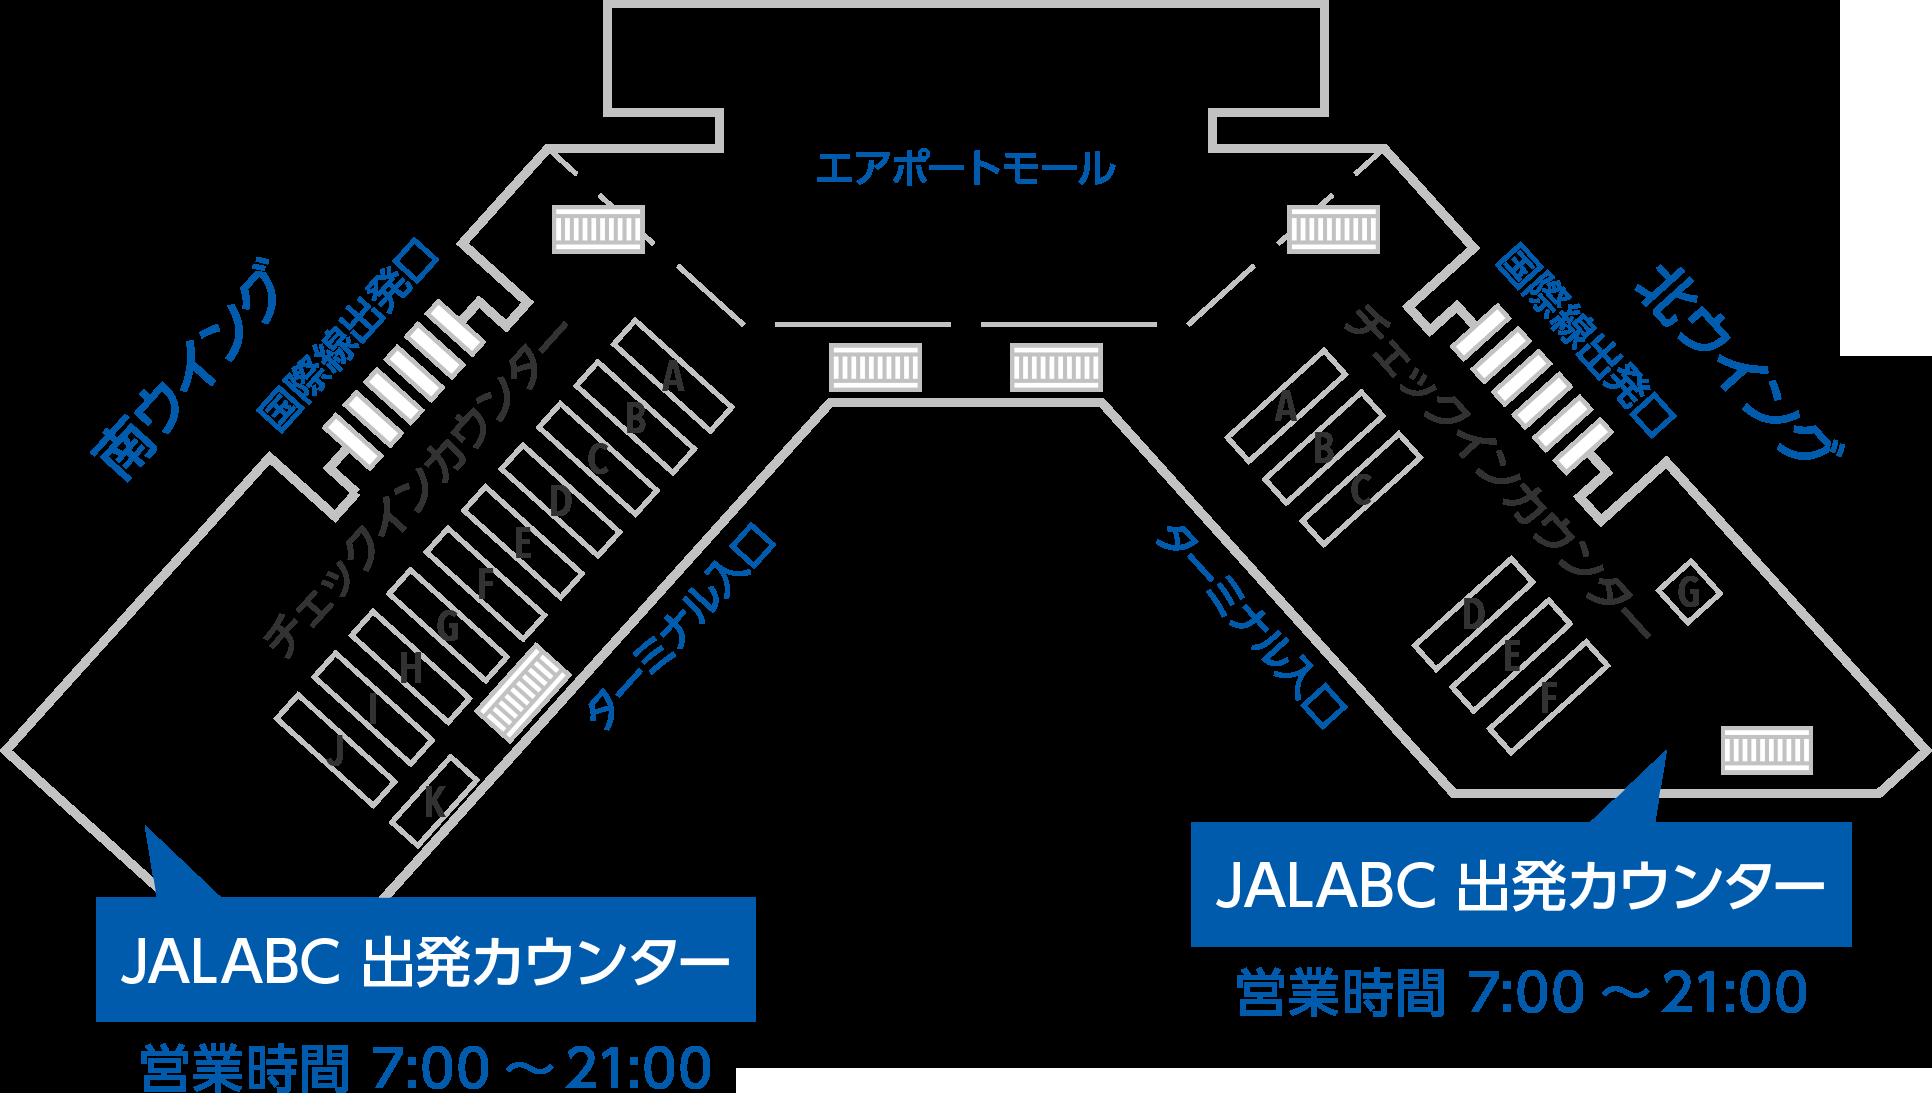 成田国際空港第1ターミナル